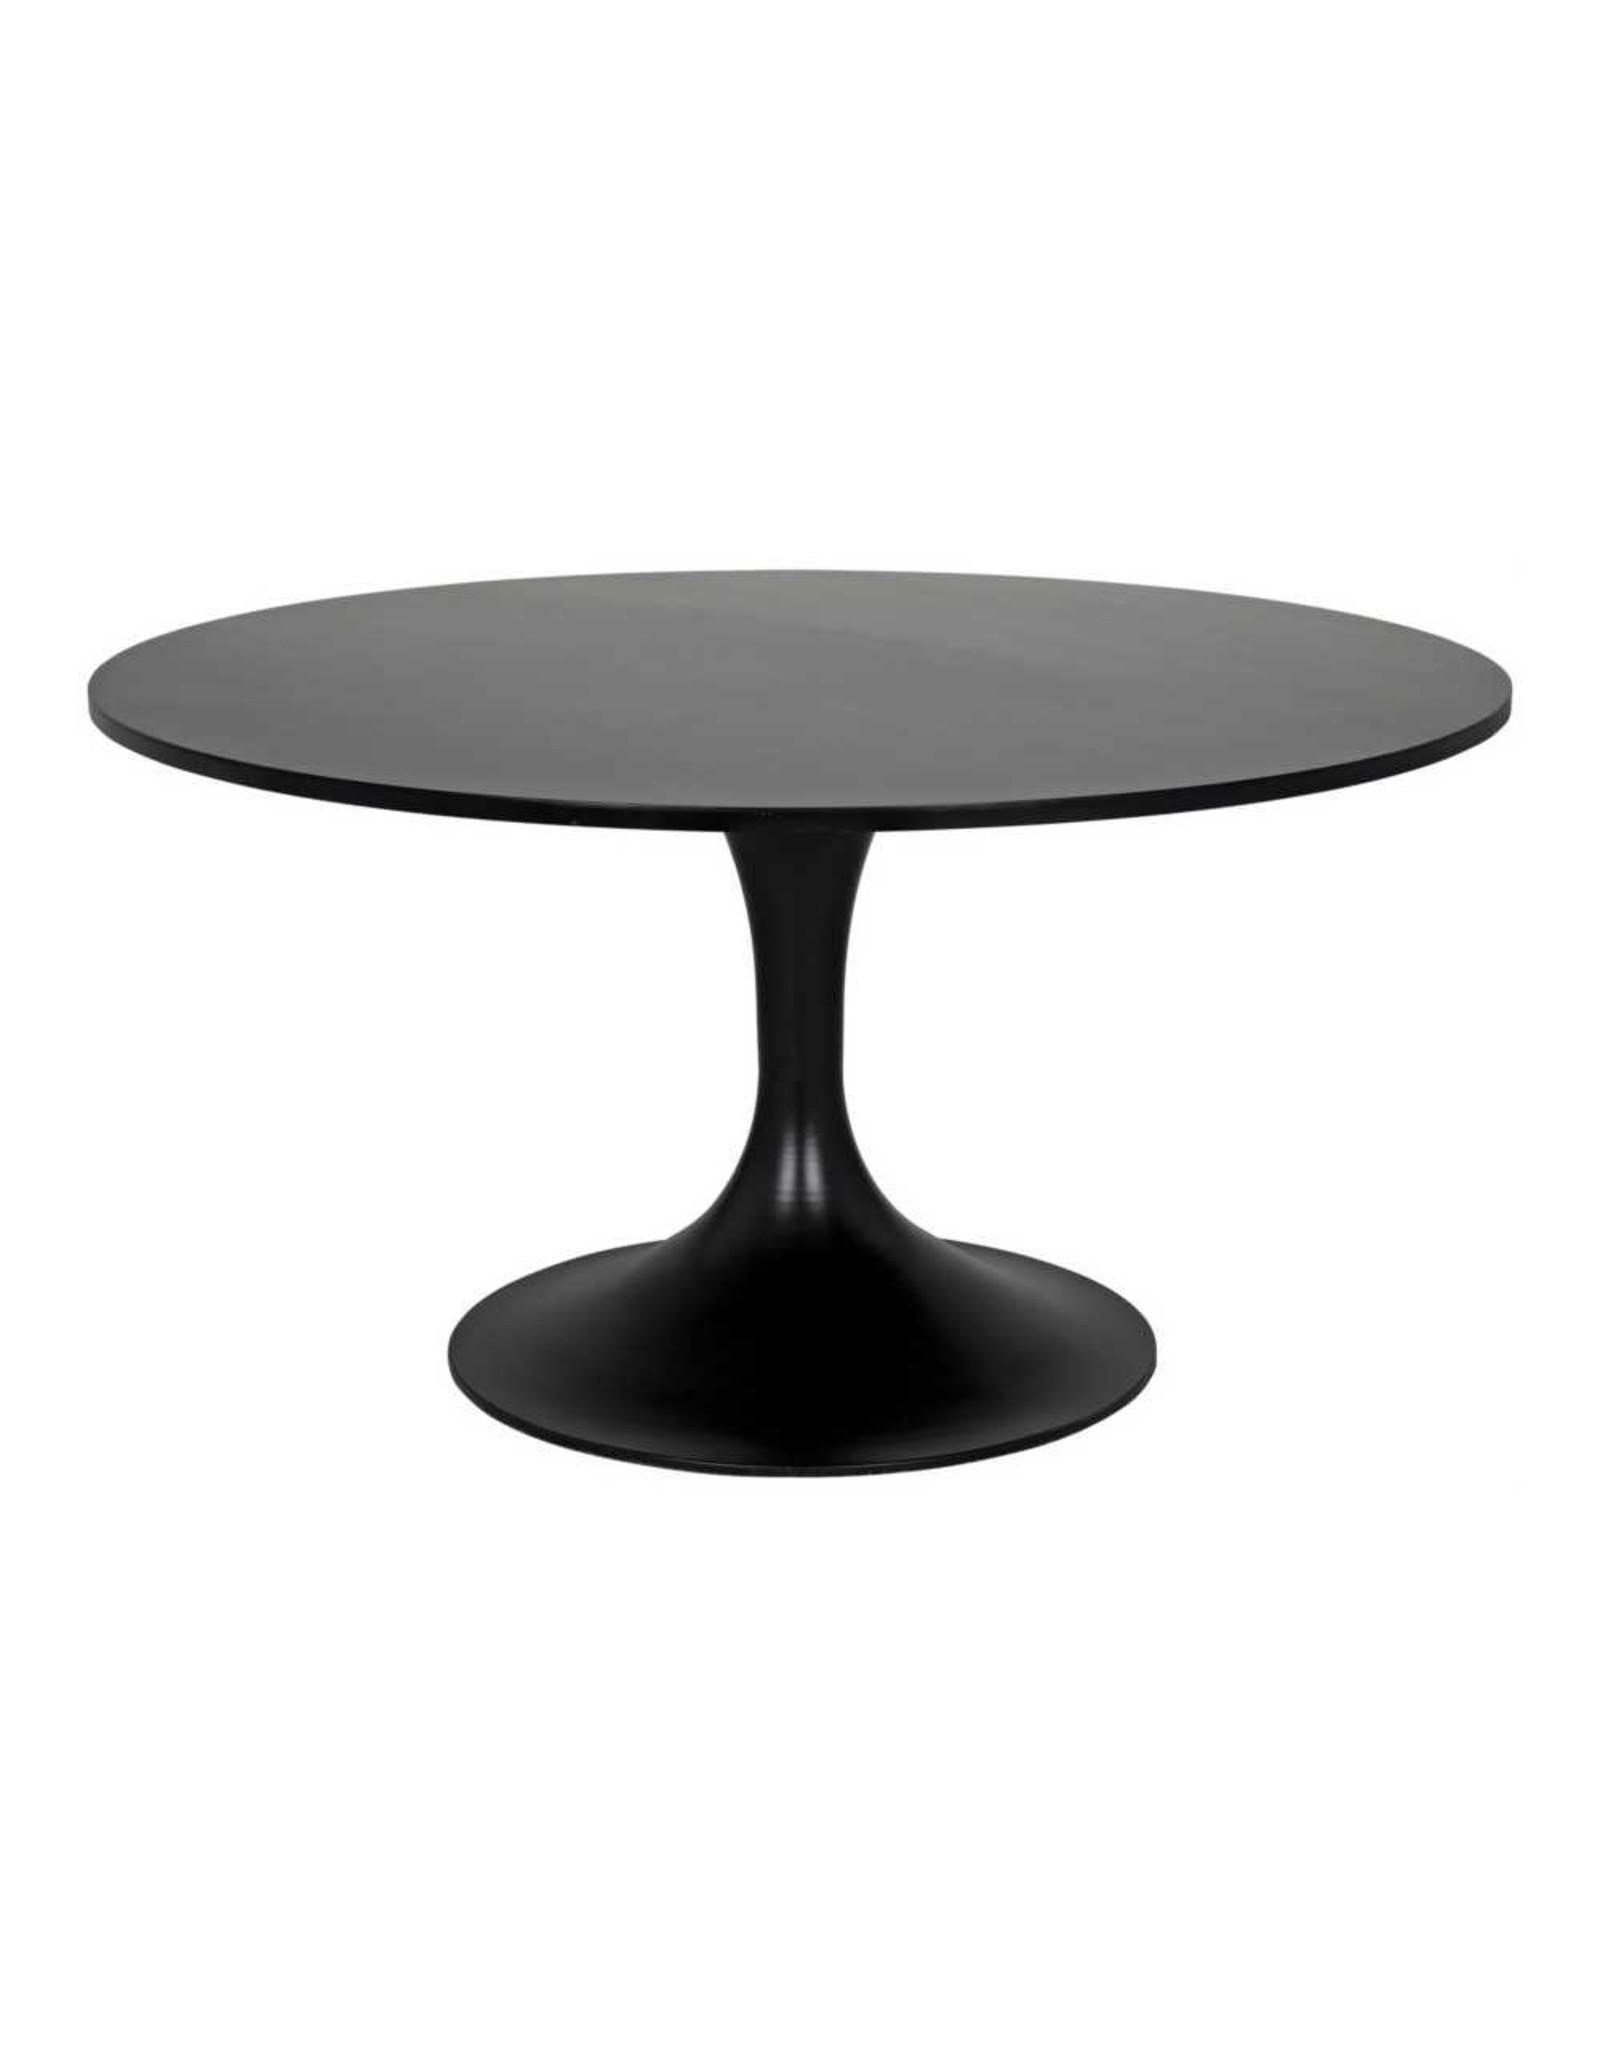 Website Noir Herno Dining Table - Metal